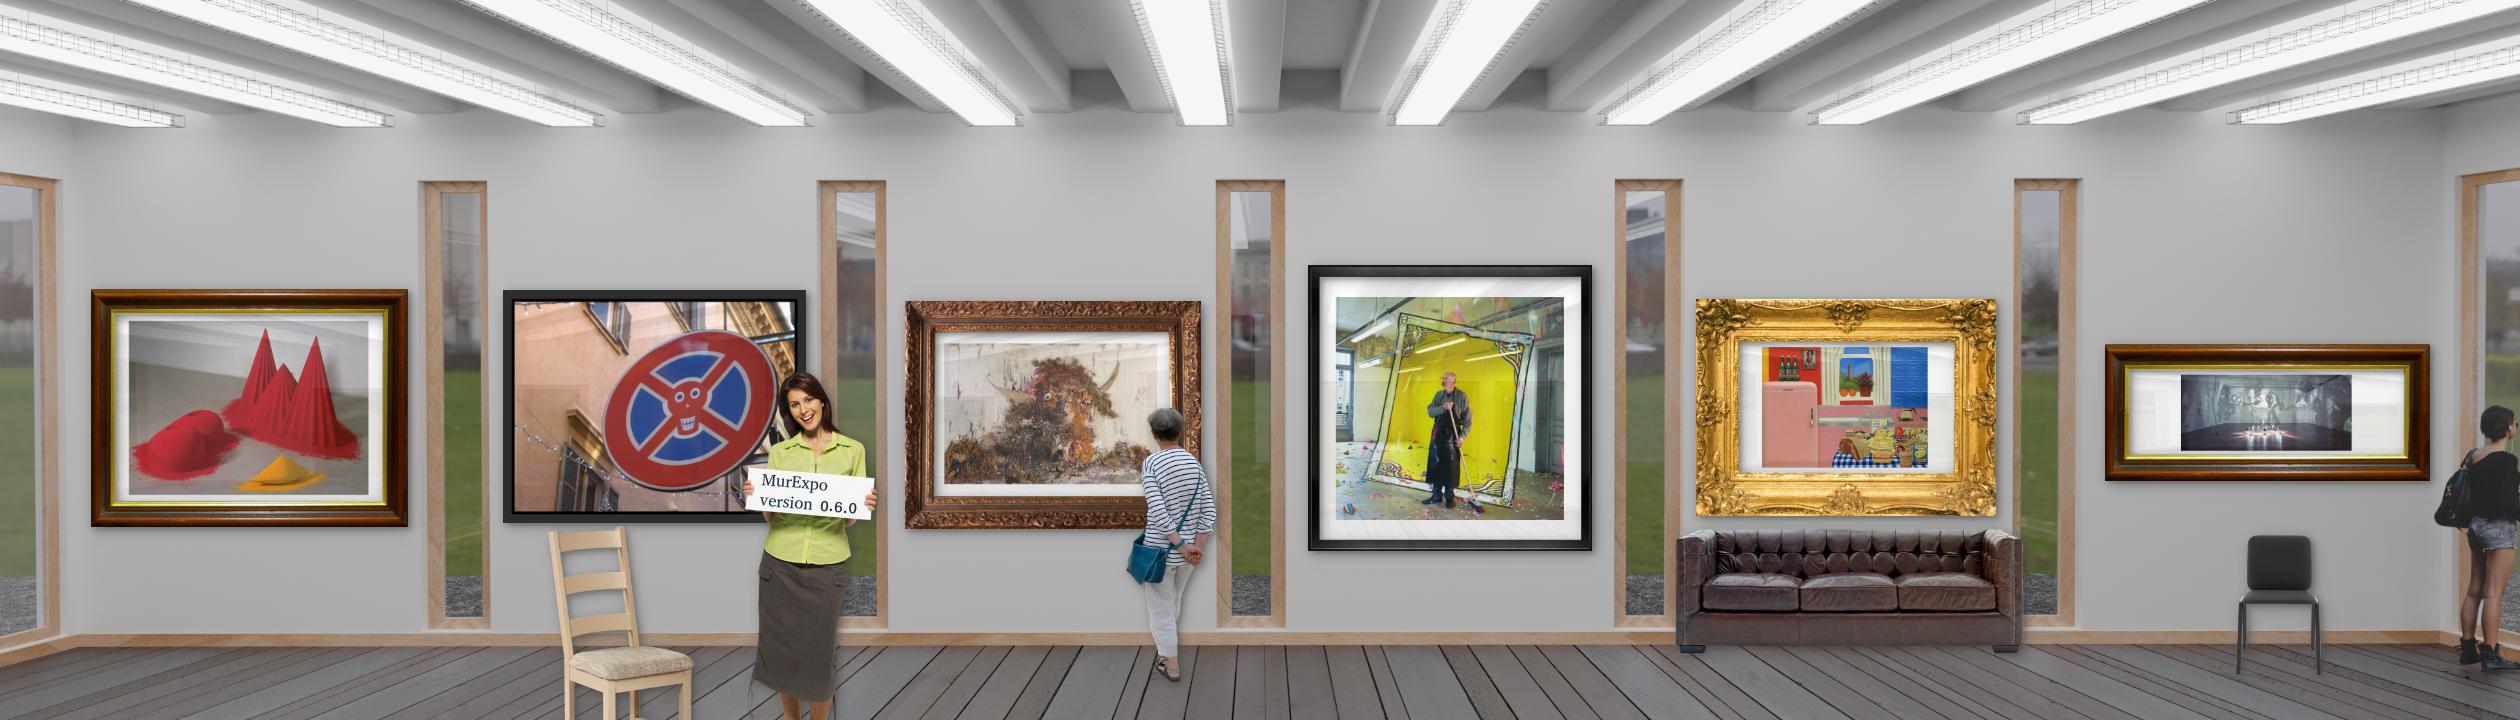 Outil pour mettre en place un mur d'exposition et y accrocher des œuvres Image_de_l_exposition_demo_murexpo_0_6_0_site_murexpo